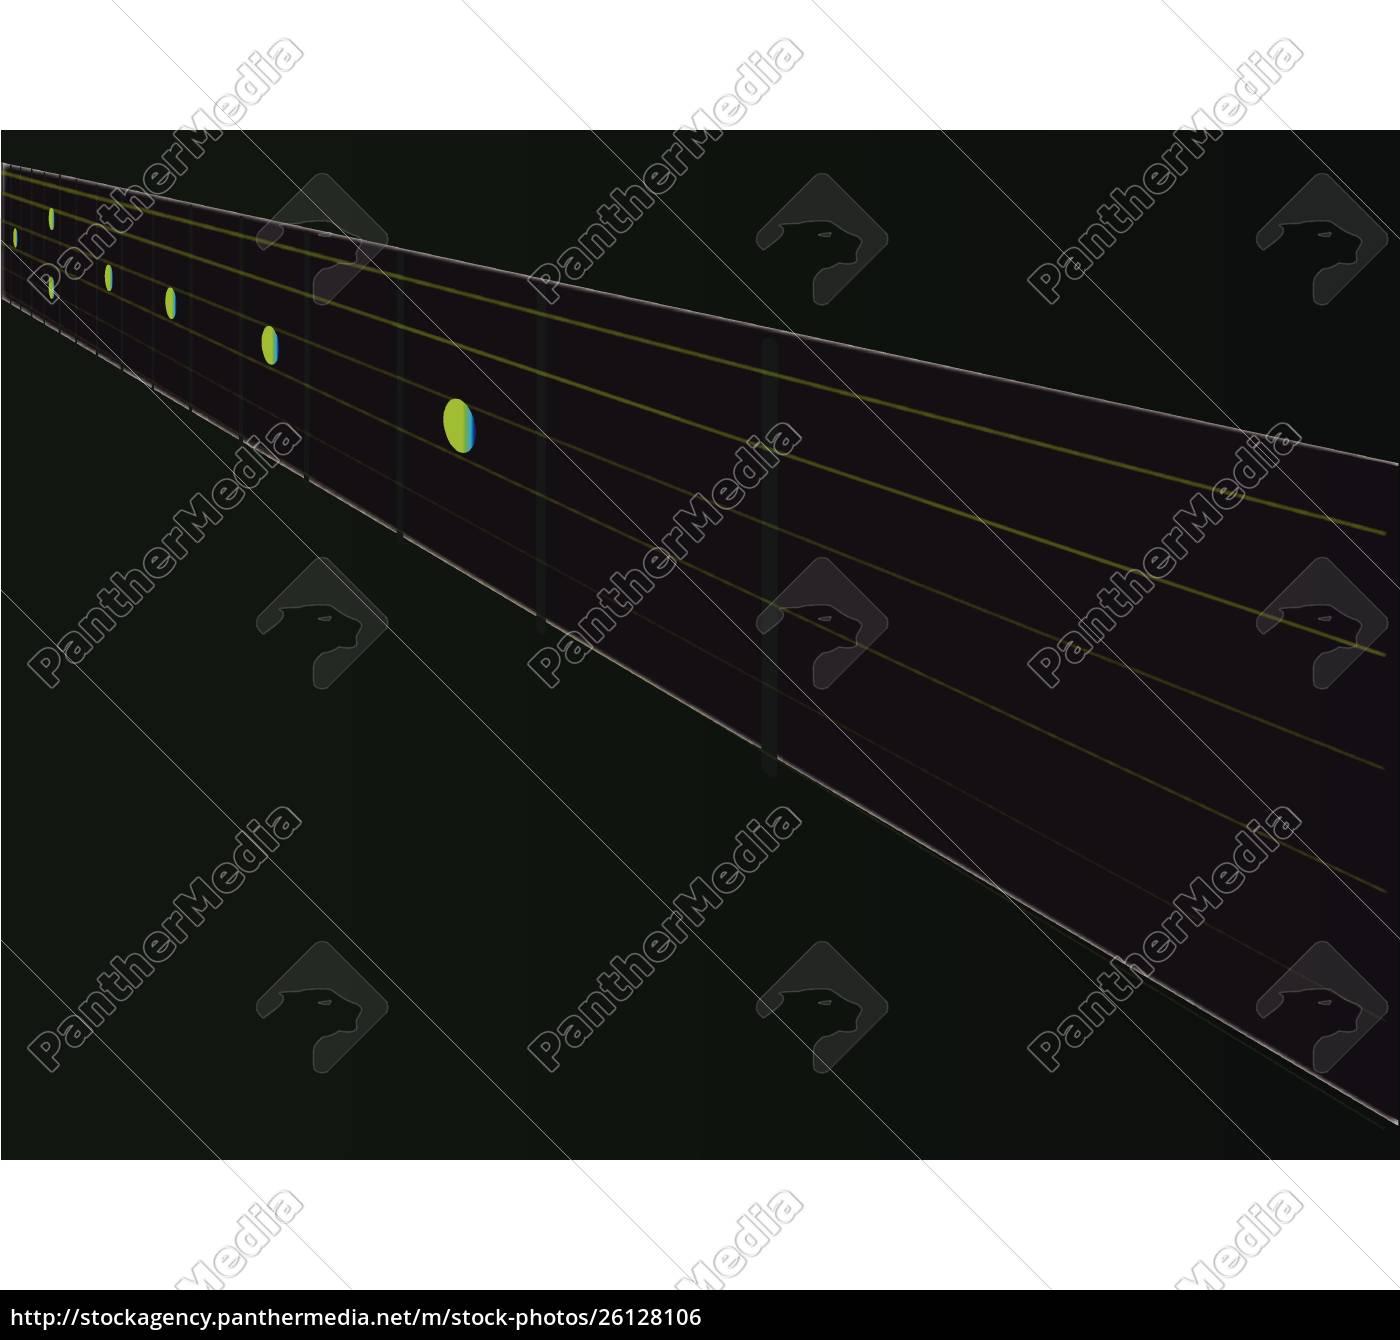 fingerboard - 26128106